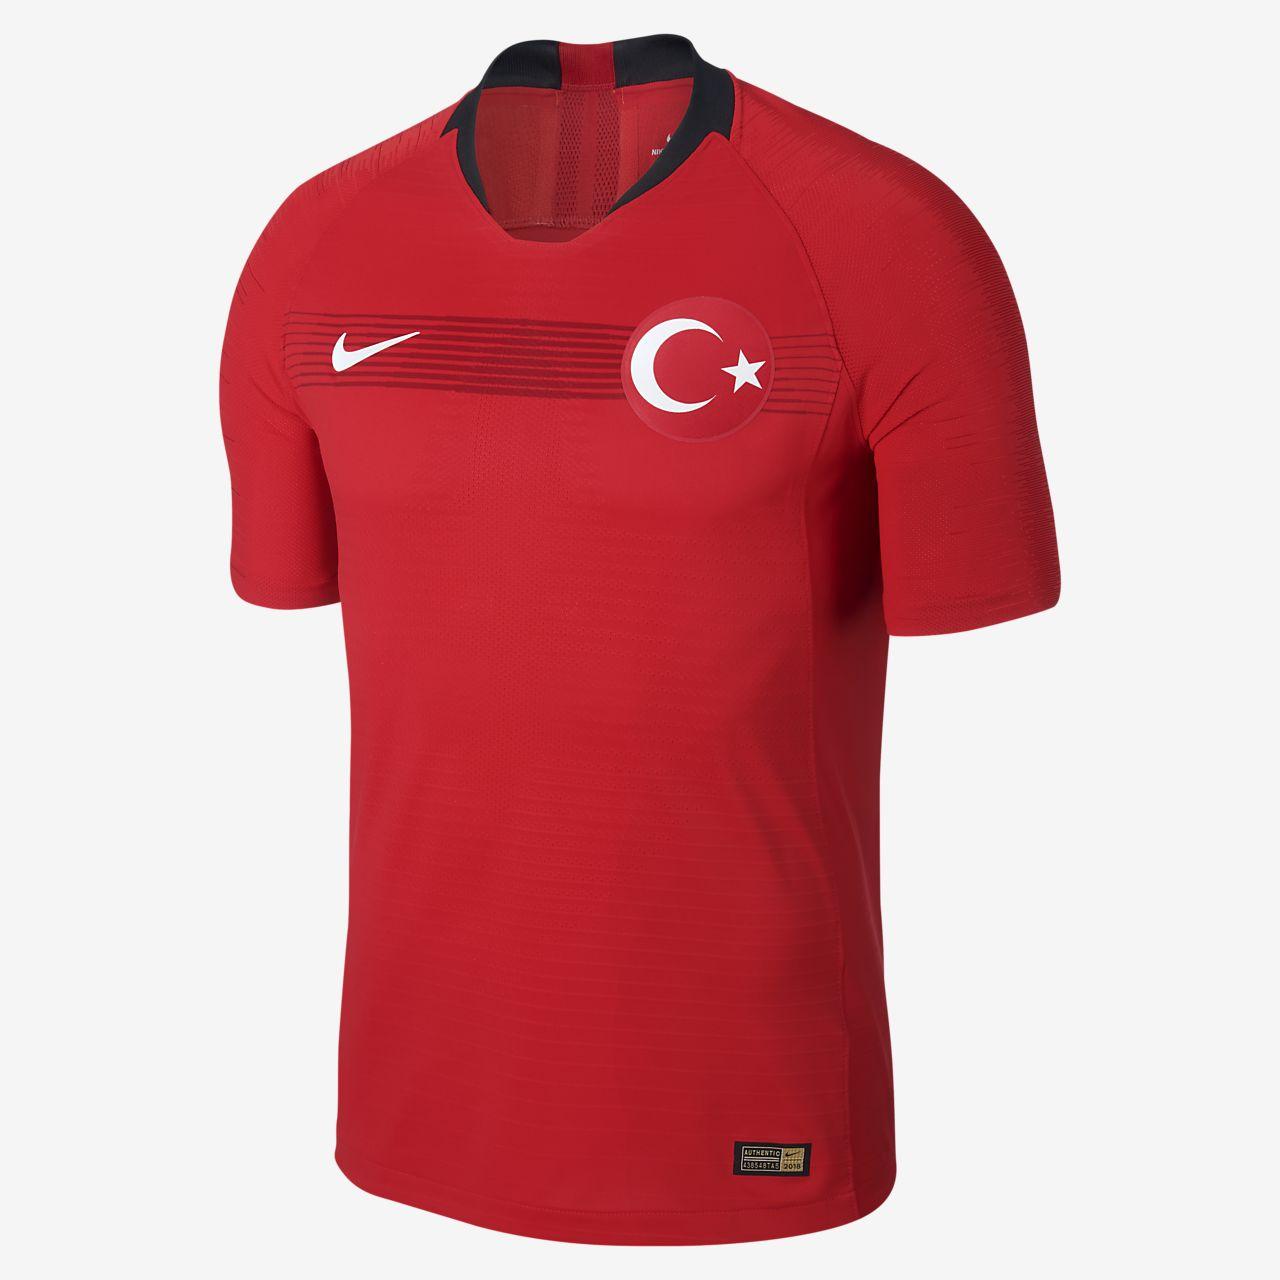 Maglia da calcio 2018 Turkey Vapor Match Home/Away - Uomo